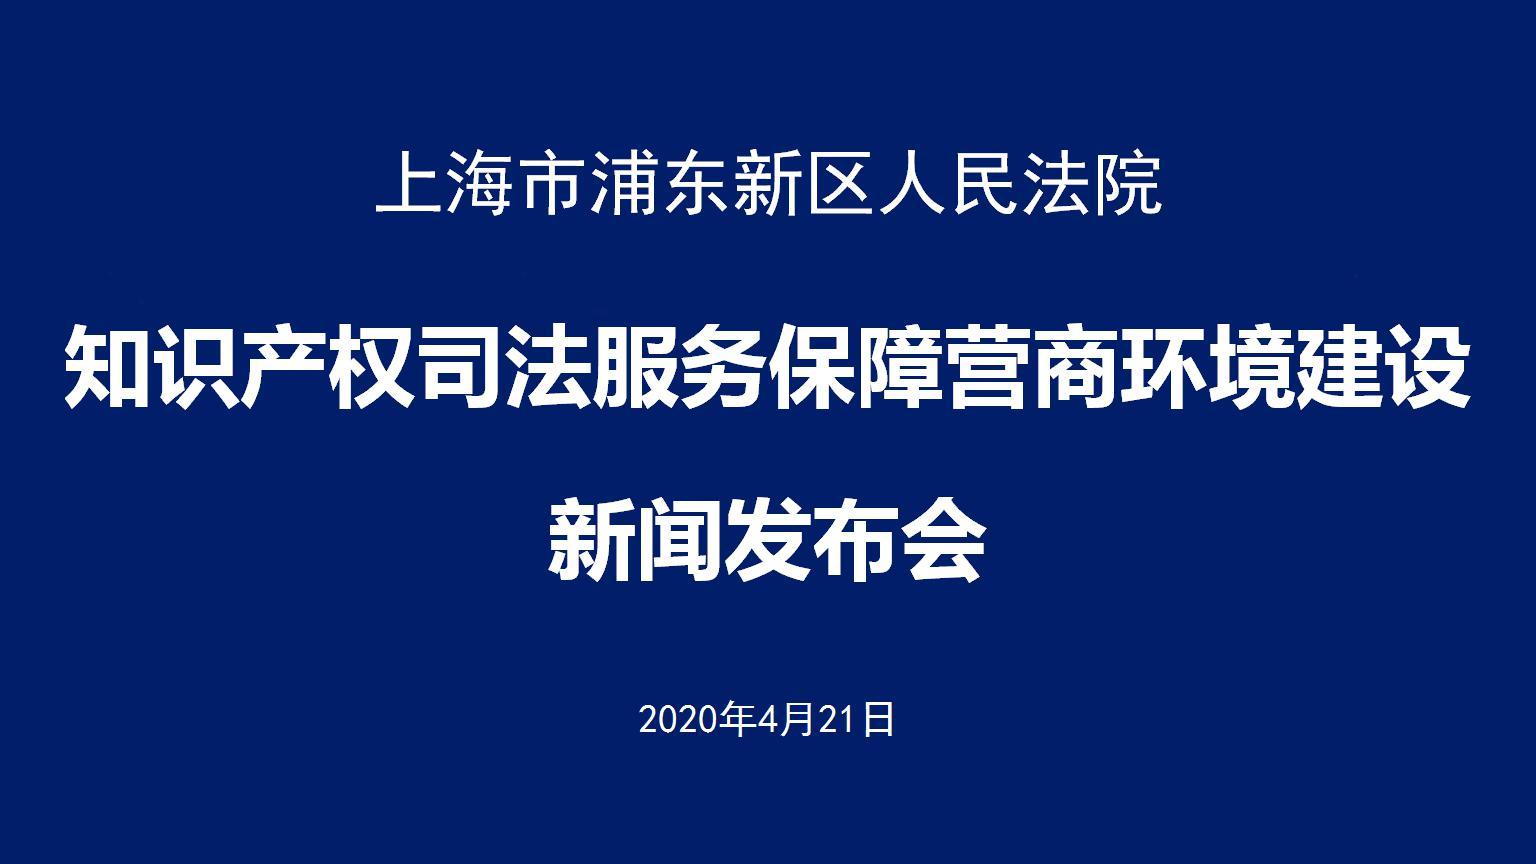 [直播结束] 知识产权司法服务保障营商环境建设新闻发布会